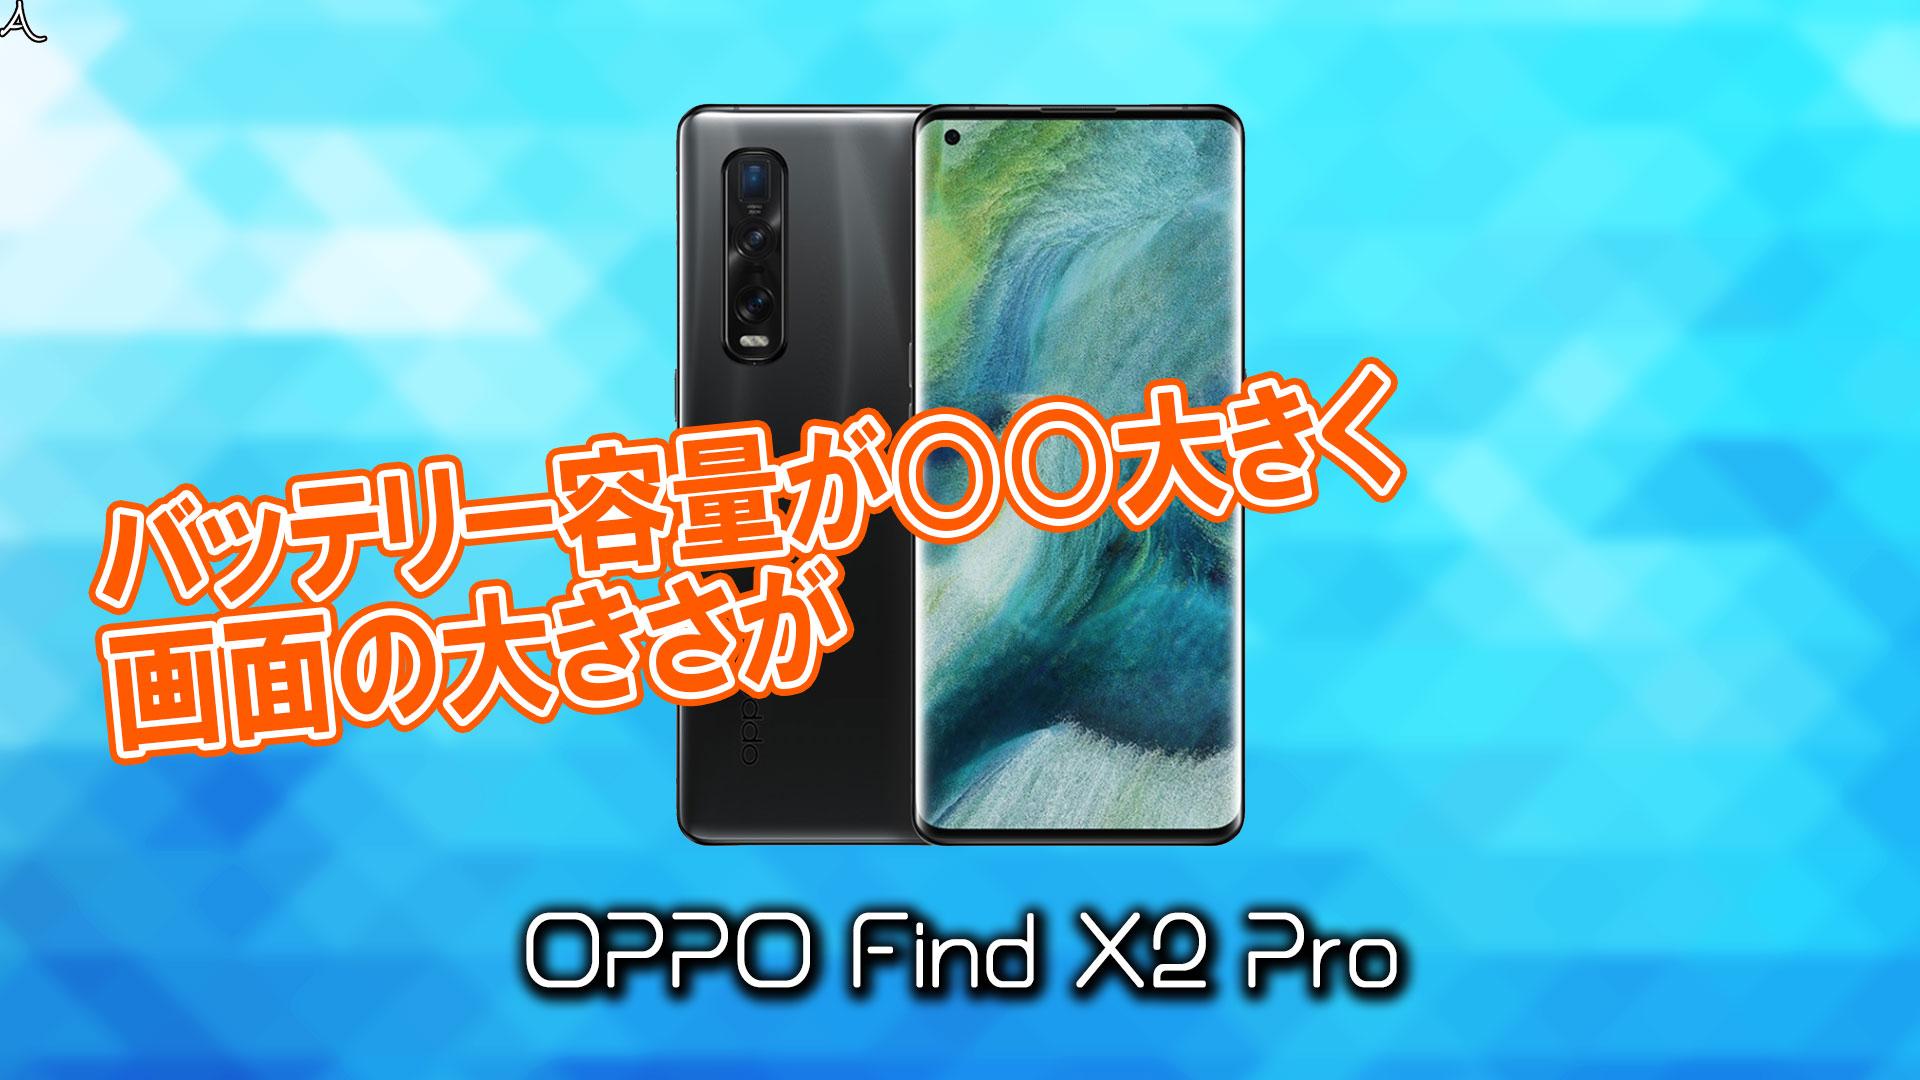 「OPPO Find X2 Pro」のサイズや重さを他のスマホと細かく比較